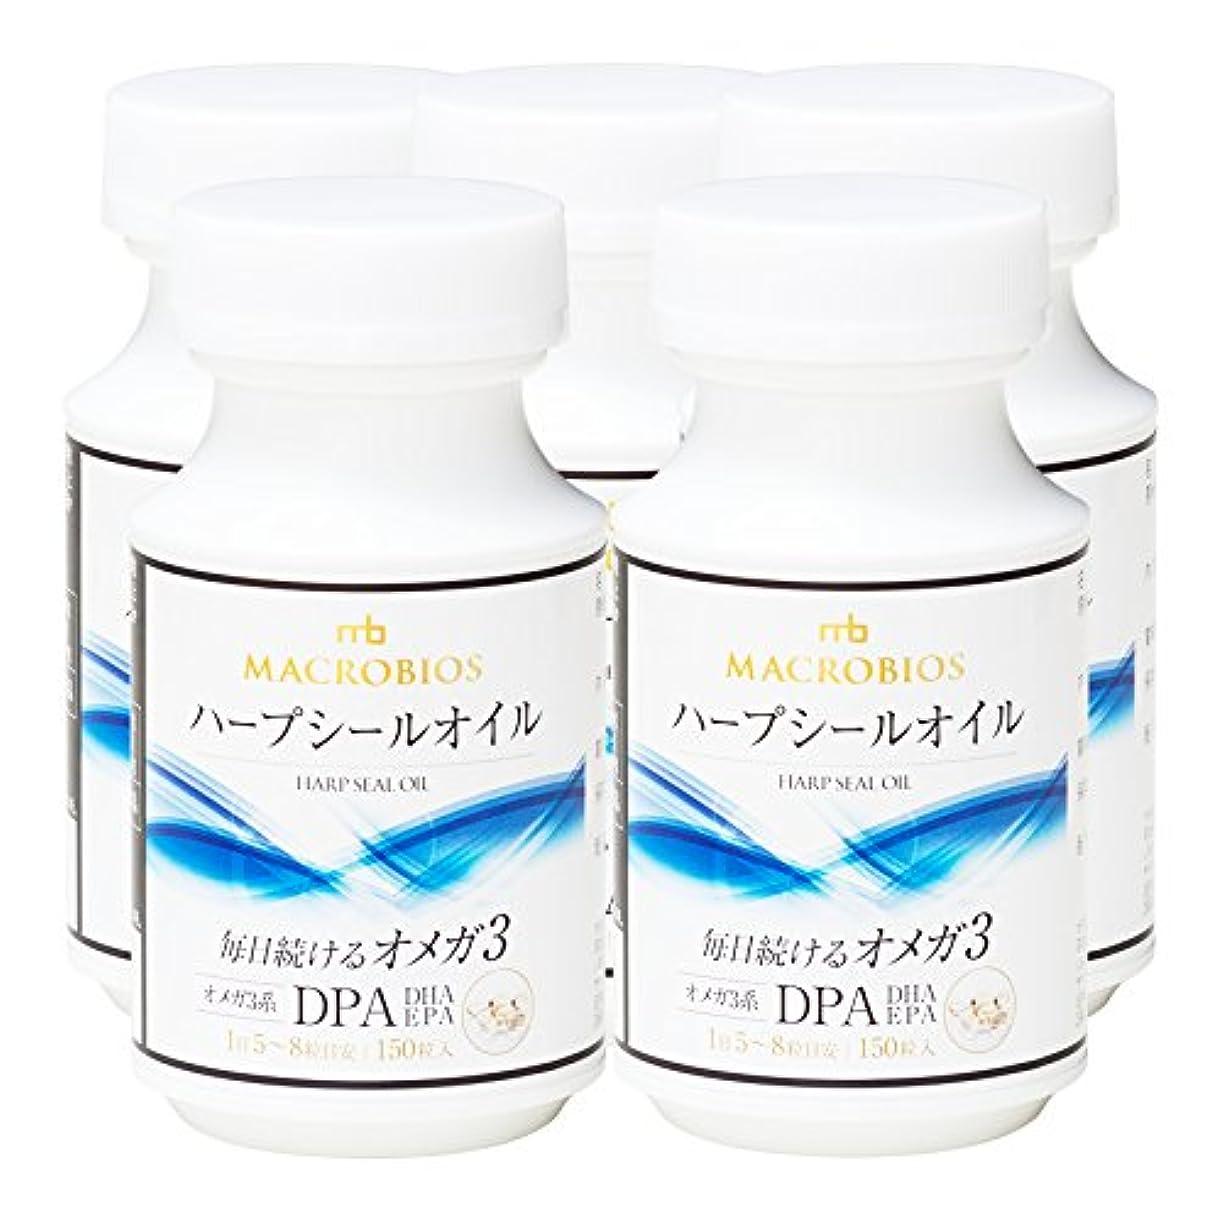 隠みぞれ群集ハープシールオイル 150粒 (アザラシ油) DPA DHA EPA オメガ3 サプリメント (5個セット)